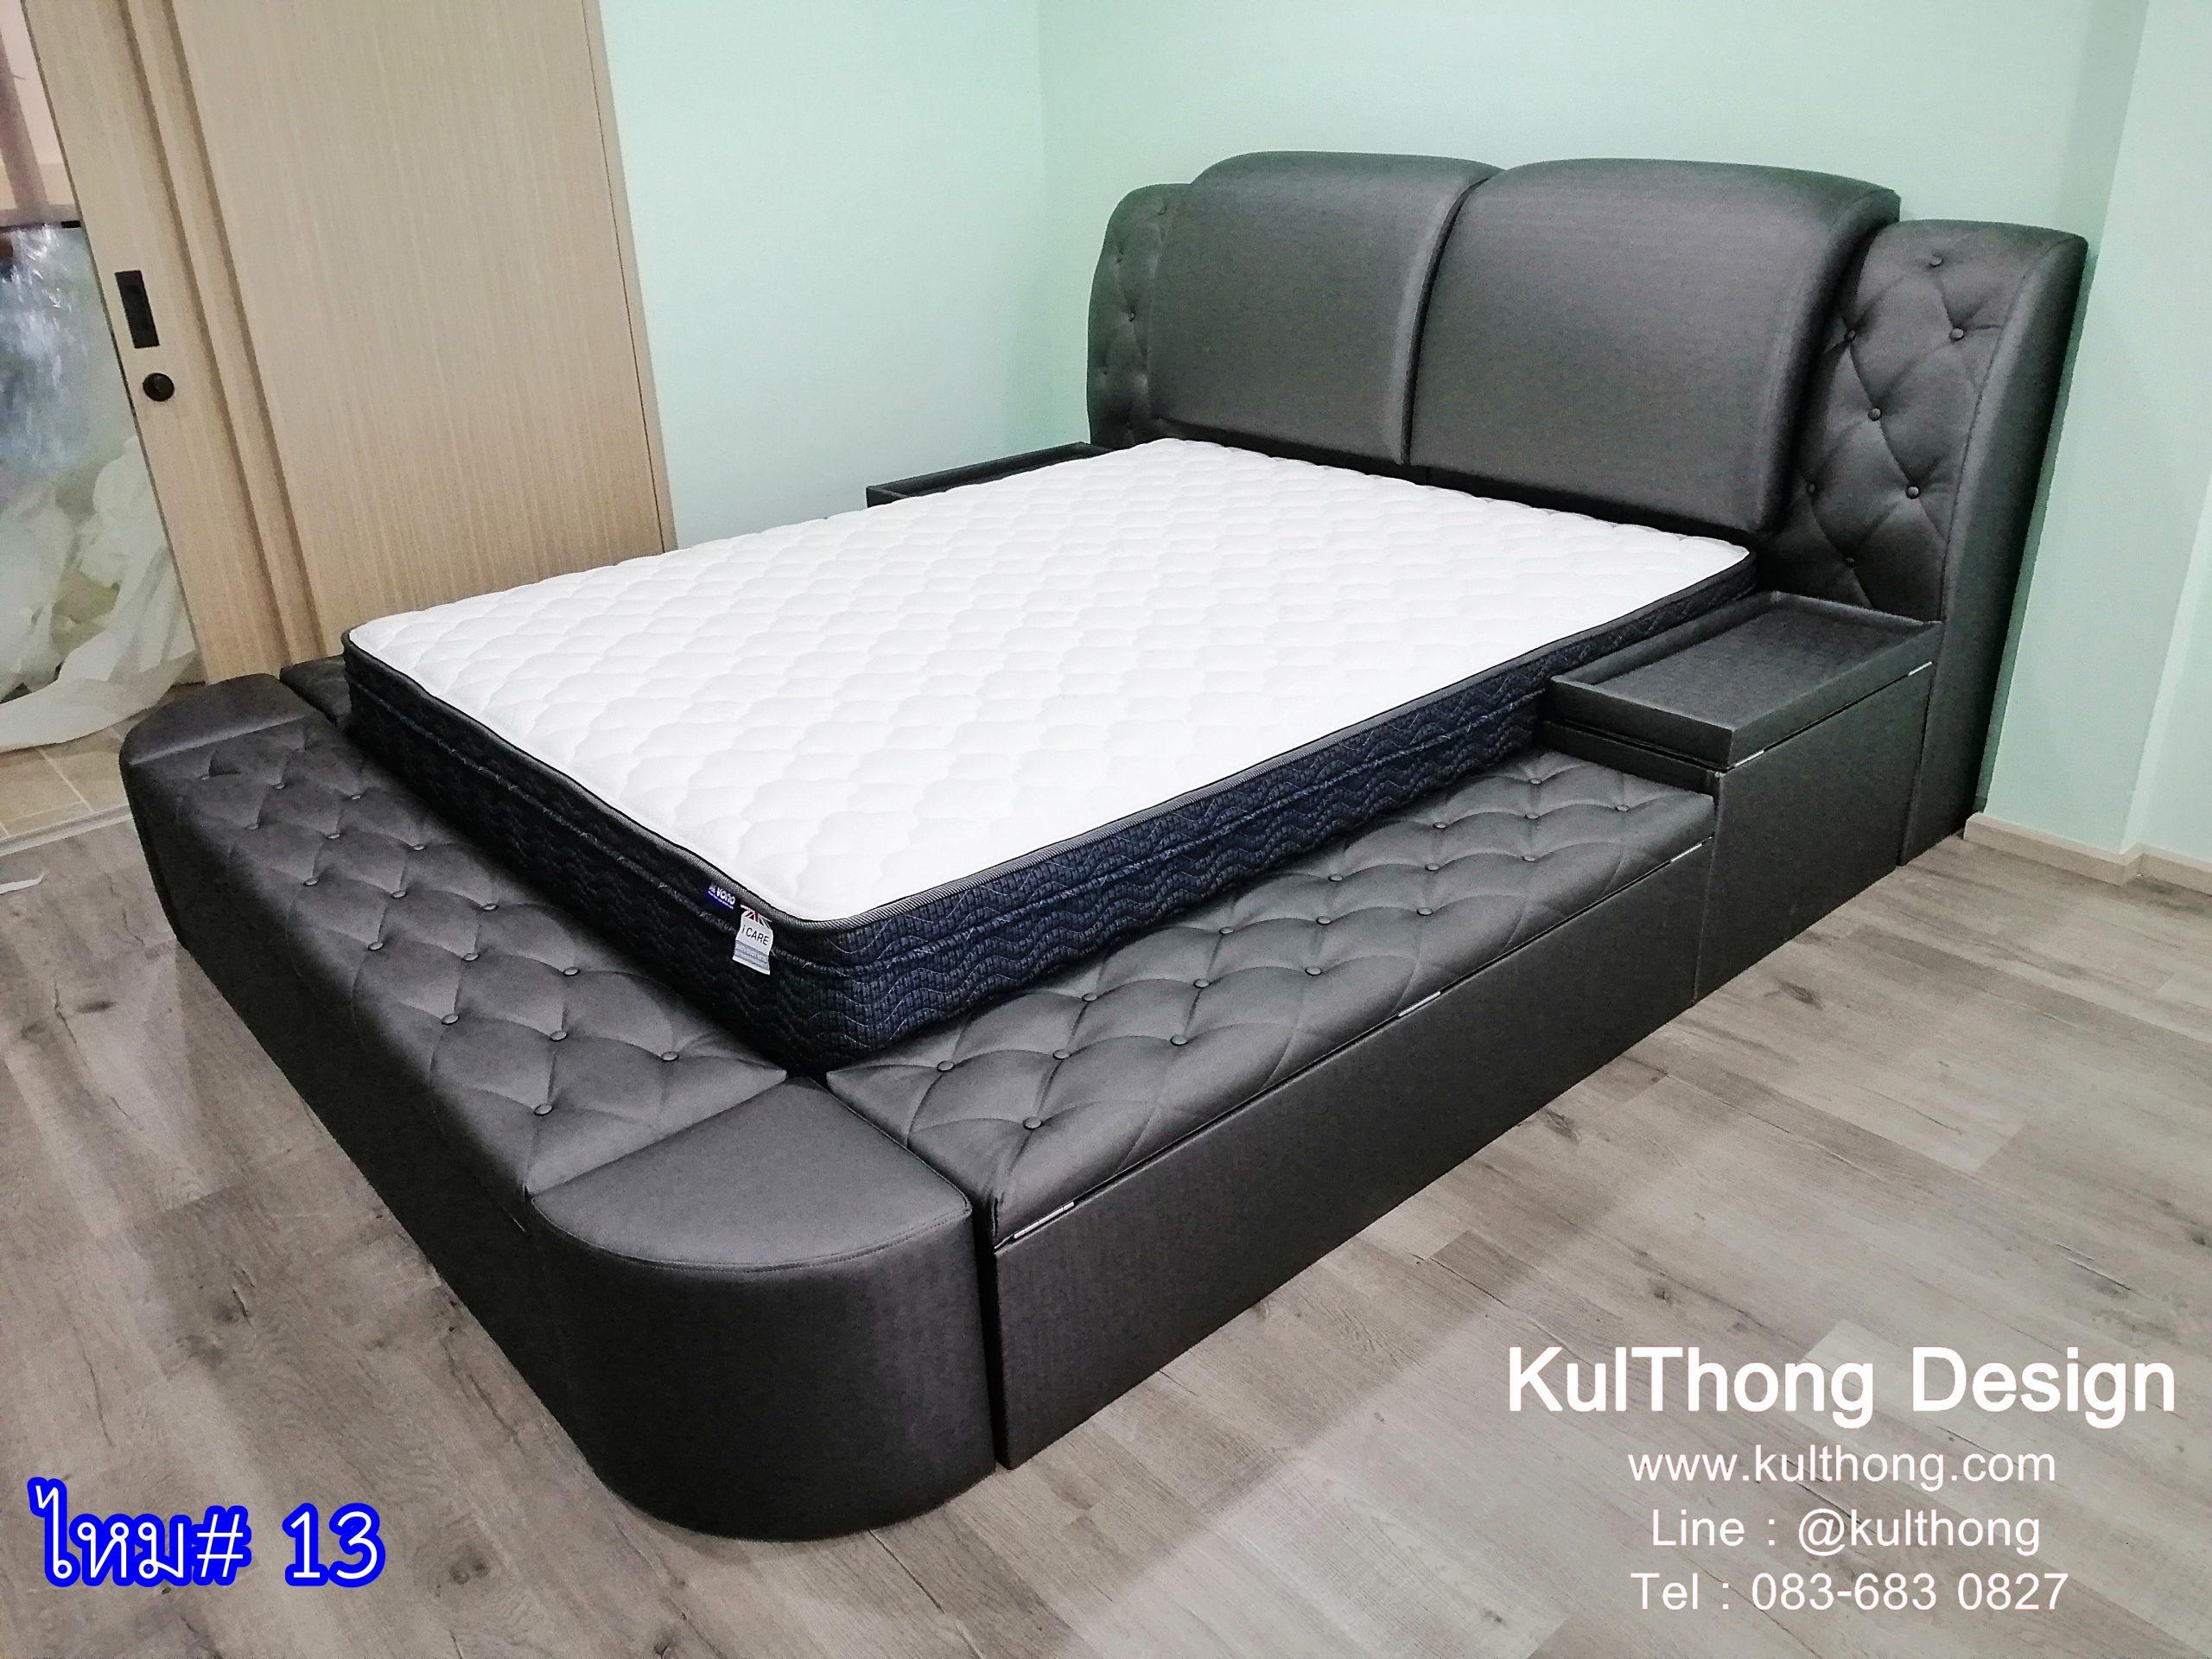 เตียงขนาดใหญ่ เตียงกล่องหุ้มหนัง เตียงมีกล่องด้านข้าง